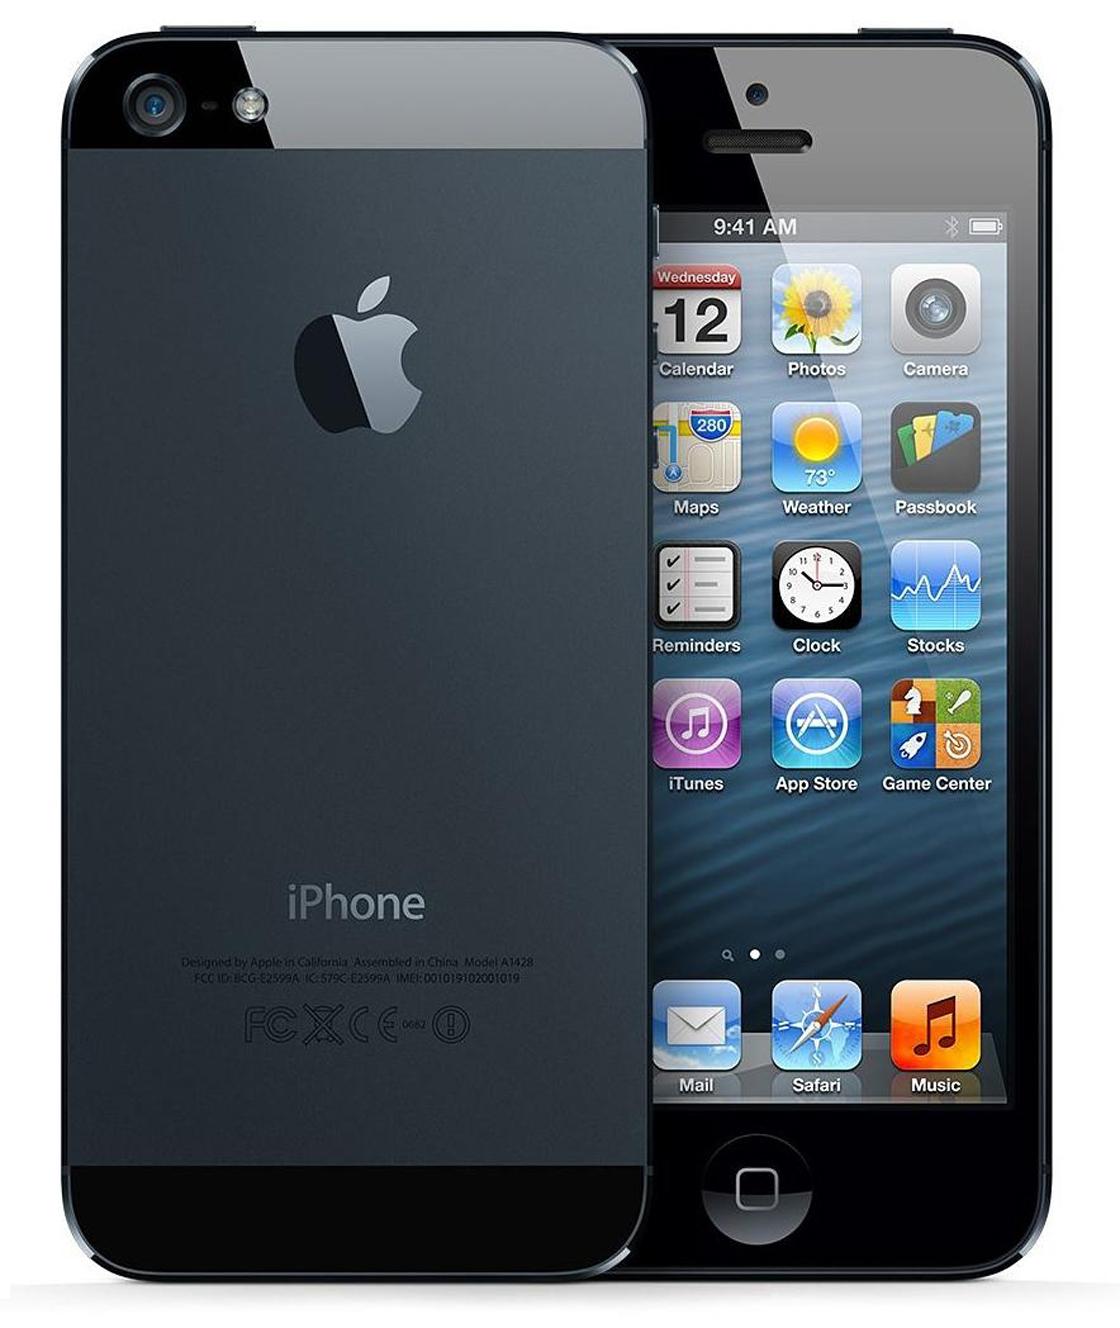 iPhone 5 review: voor het eerst een groter scherm